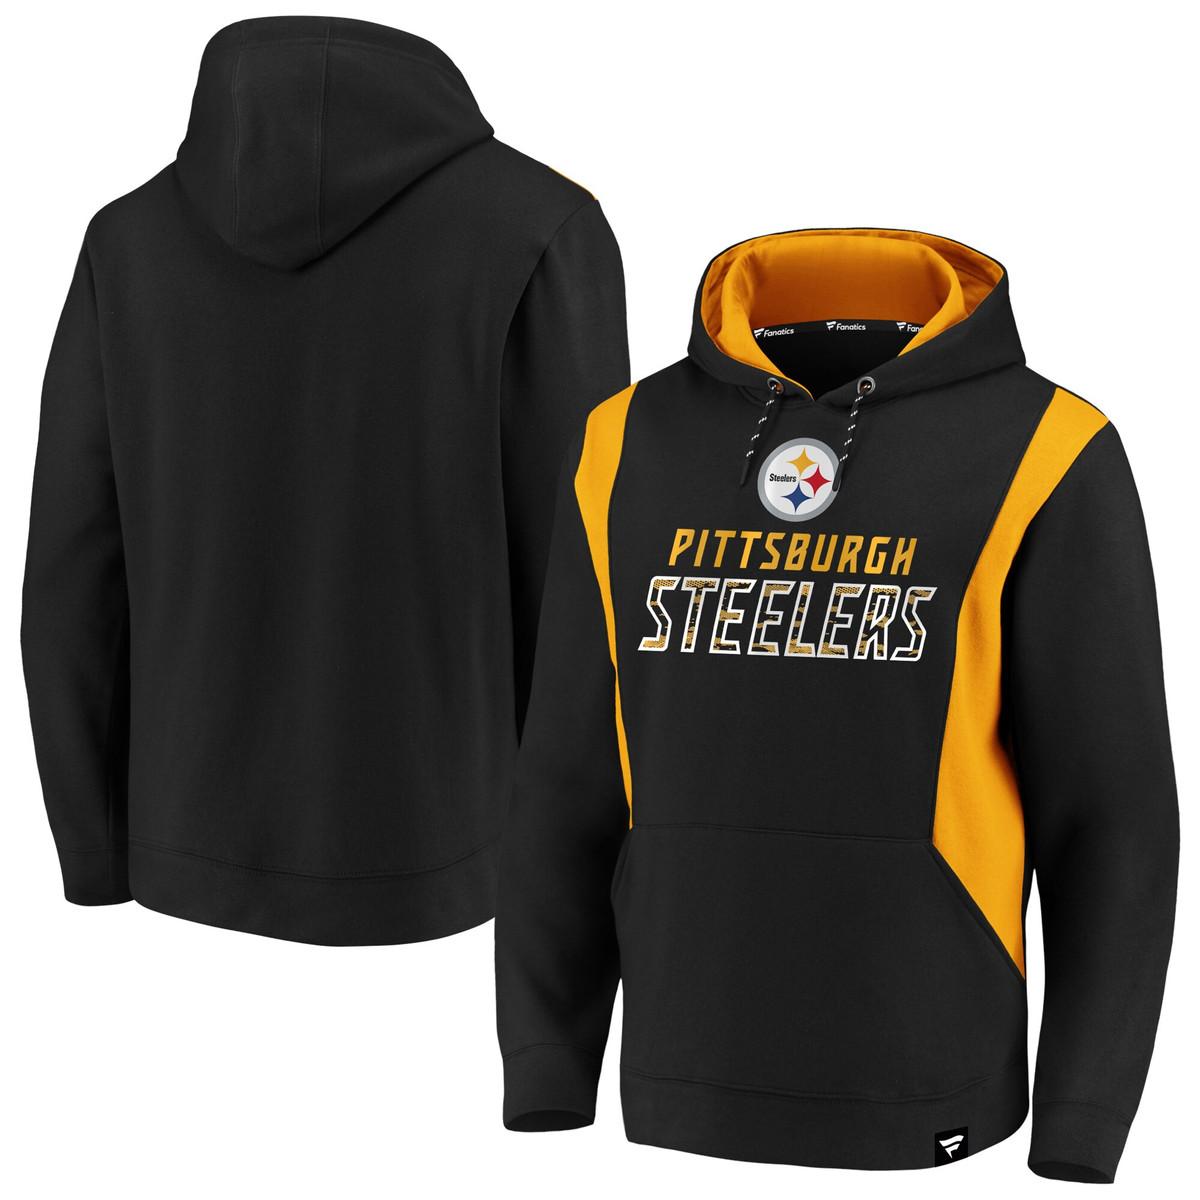 Pittsburgh Steelers NFL Pro Line Pullover Hoodie - Black